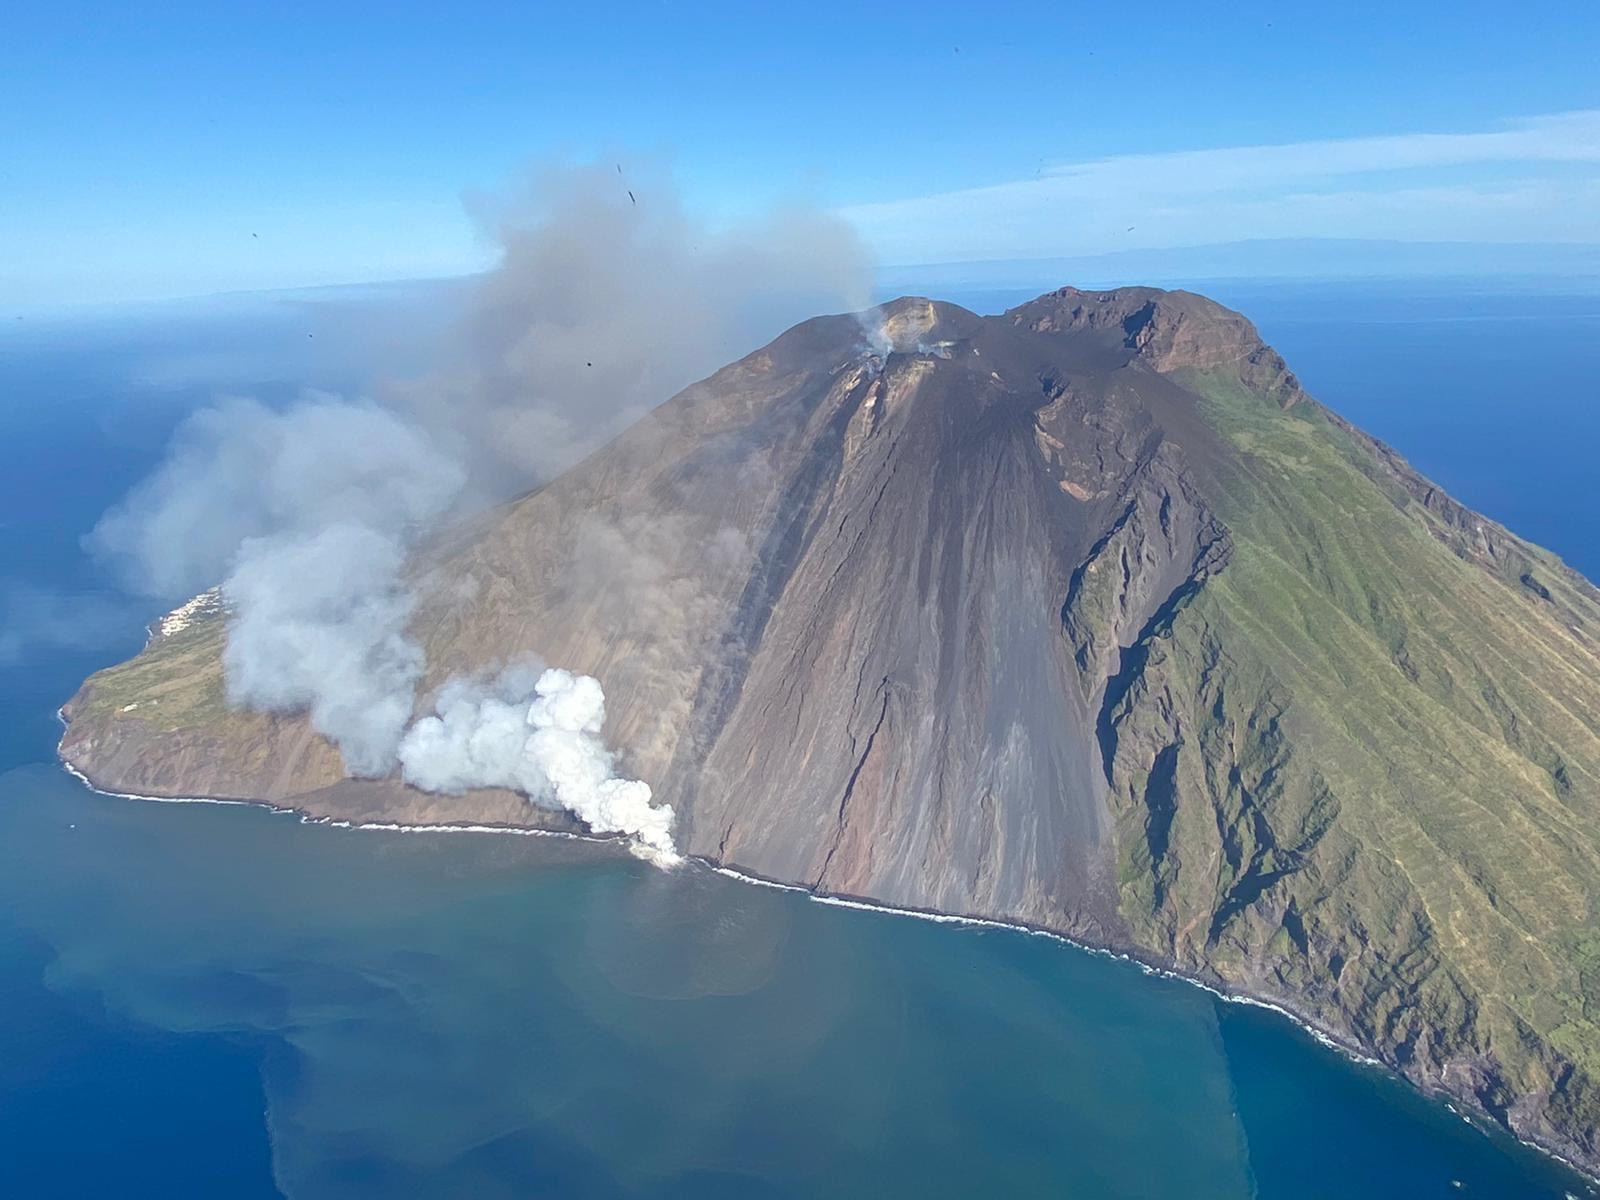 Stromboli e Panarea, oggi sarà provato il sistema di allertamento sonoro per la segnalazione di rischio tsunami. E' solo un'esercitazione. (aggiornato con video esercitazione)